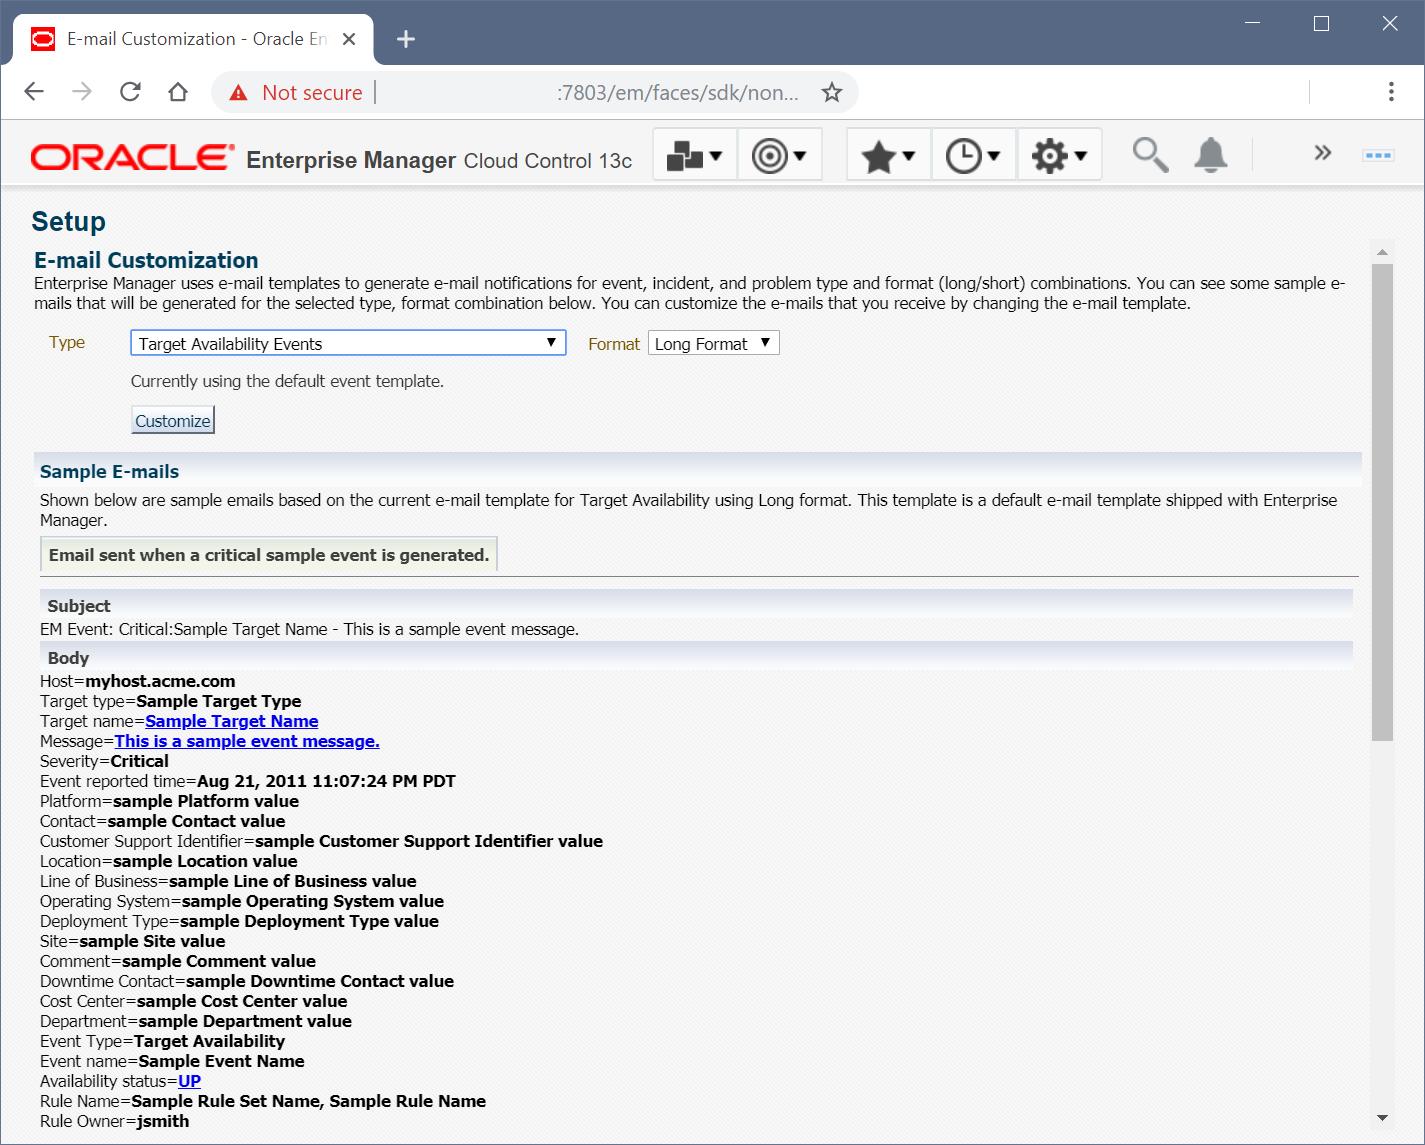 Customizing Oracle Enterprise Manager 12c 13c Email